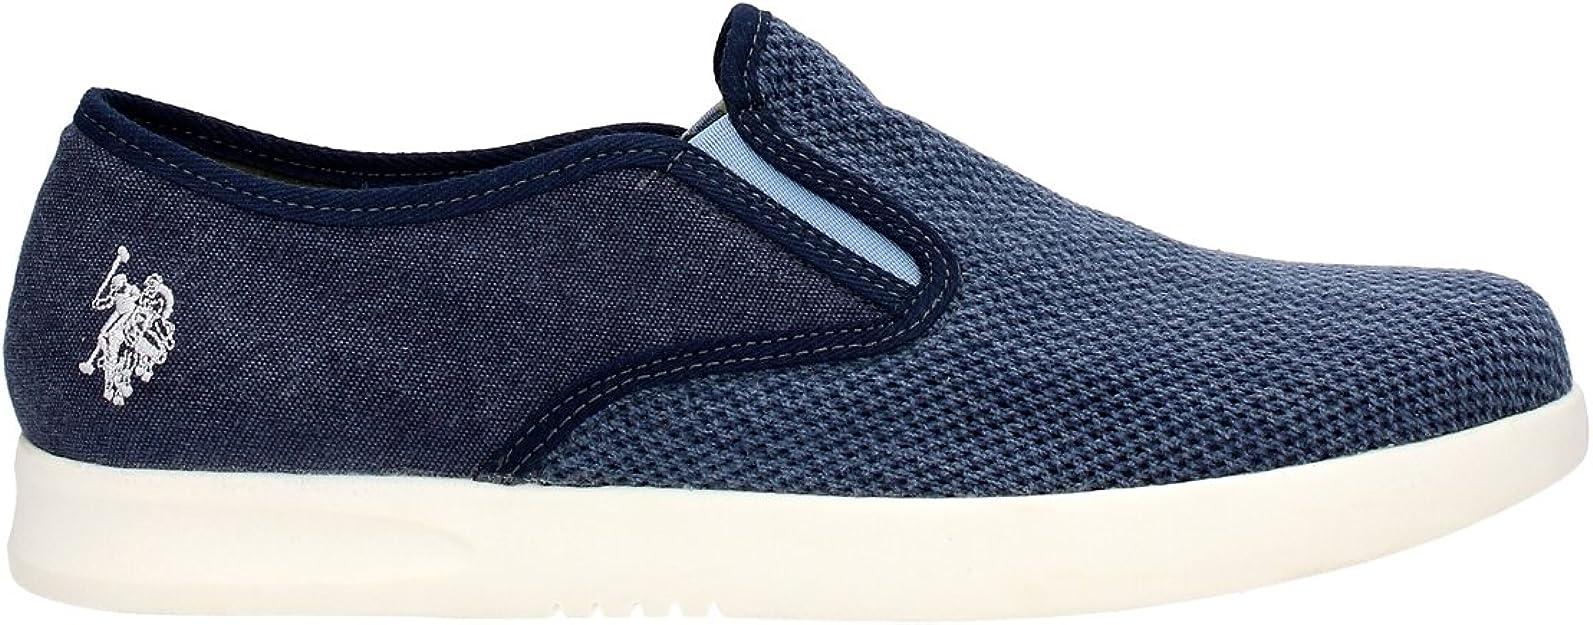 Zapatillas sin Cordones U.S. Polo Assn. Hombre - (NILODKBL) 44 EU ...